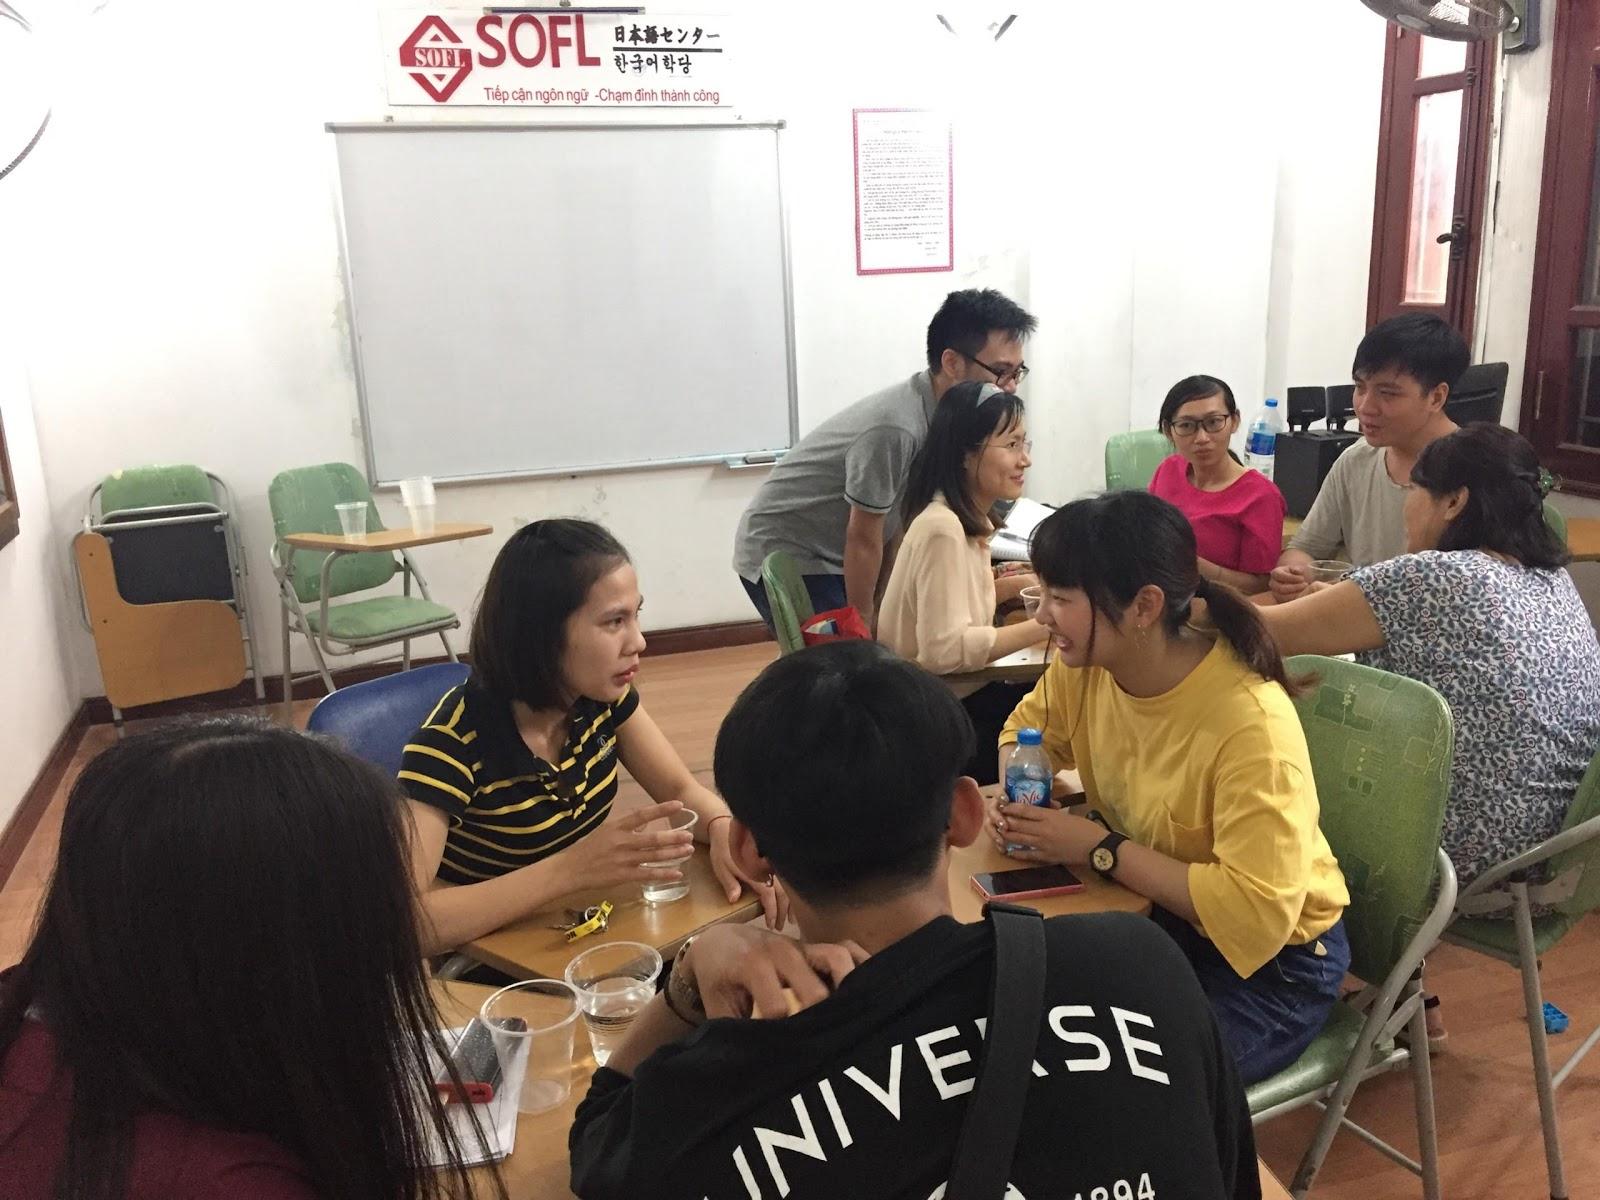 Lớp học nhóm luyện giao tiếp tiếng Nhật tại SOFL